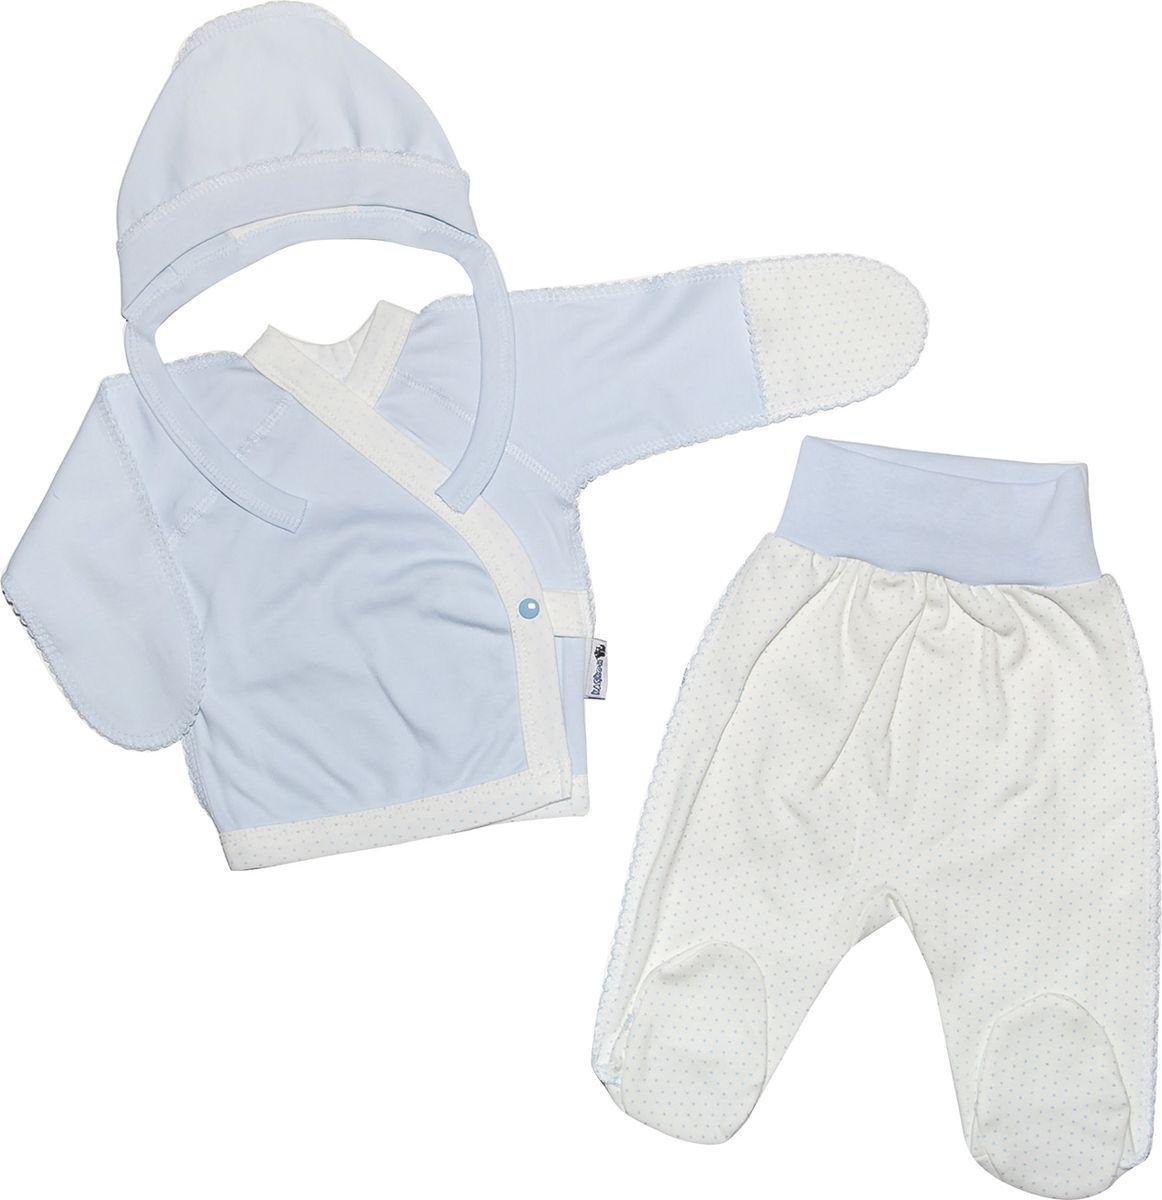 Комплект одежды Клякса комплект одежды для мальчика клякса цвет мультиколор 10м 752 размер 86